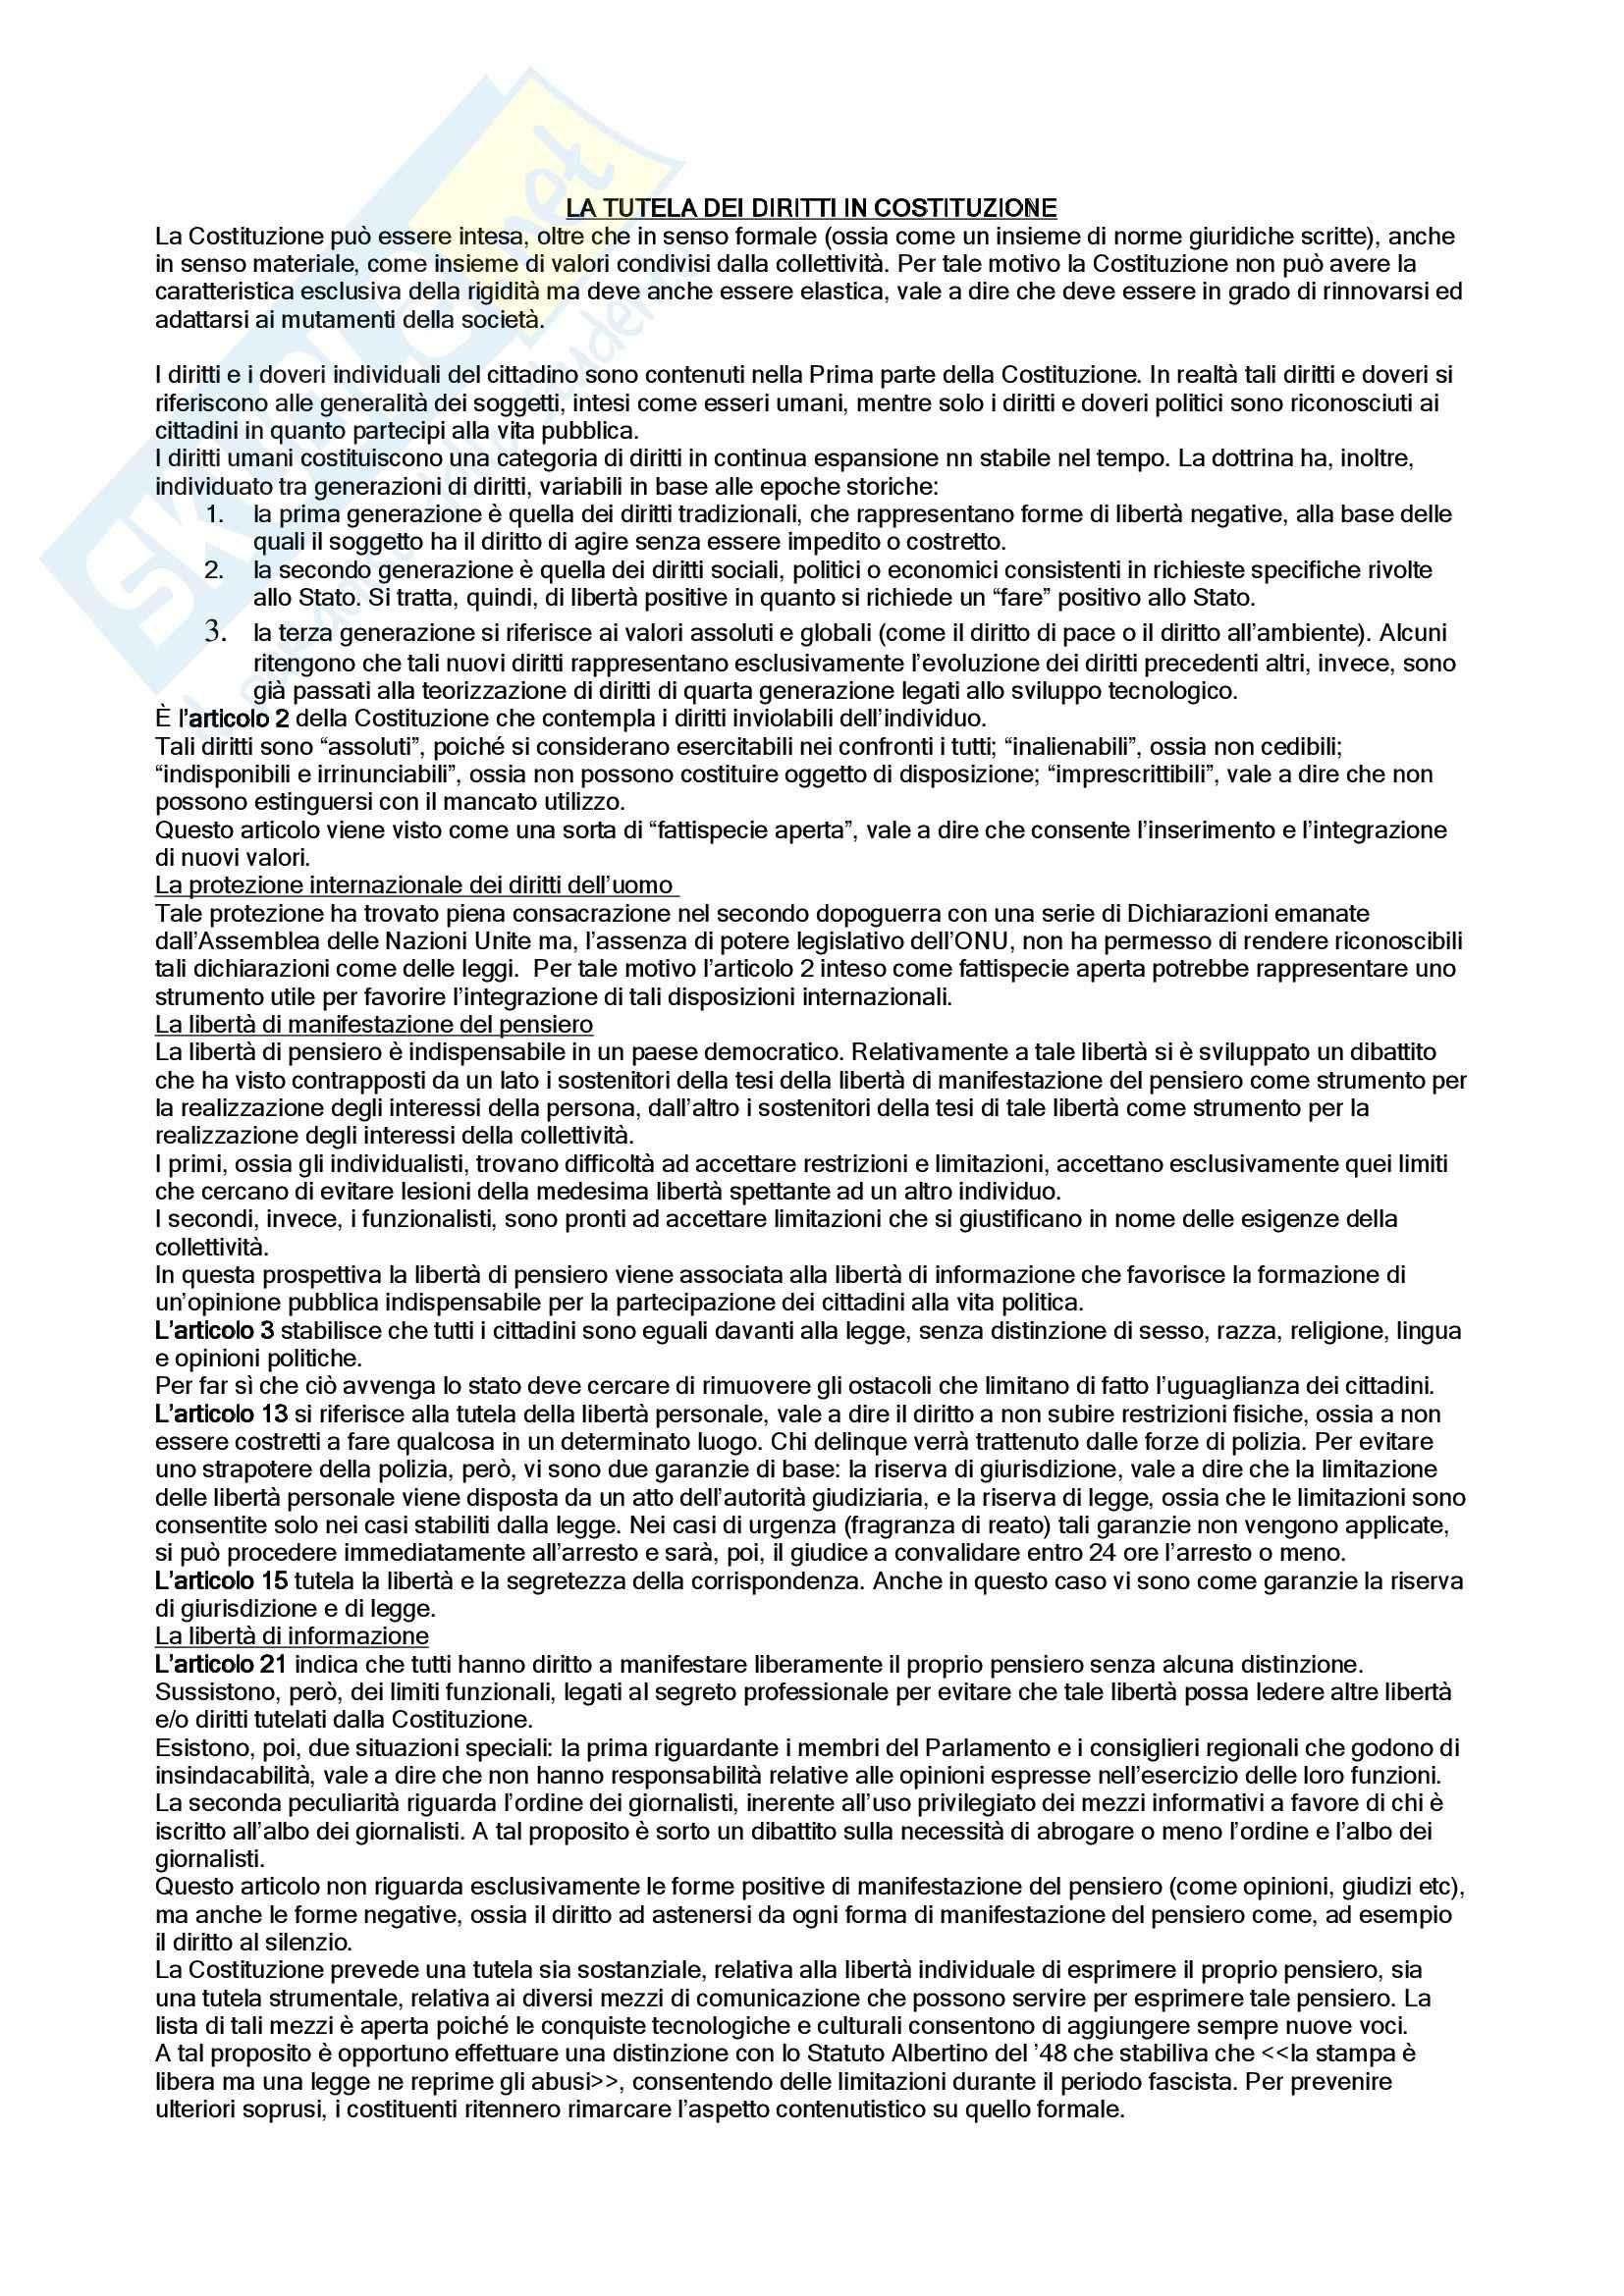 Diritto dell'informazione e della comunicazione - la tutela costituzionale dei diritti